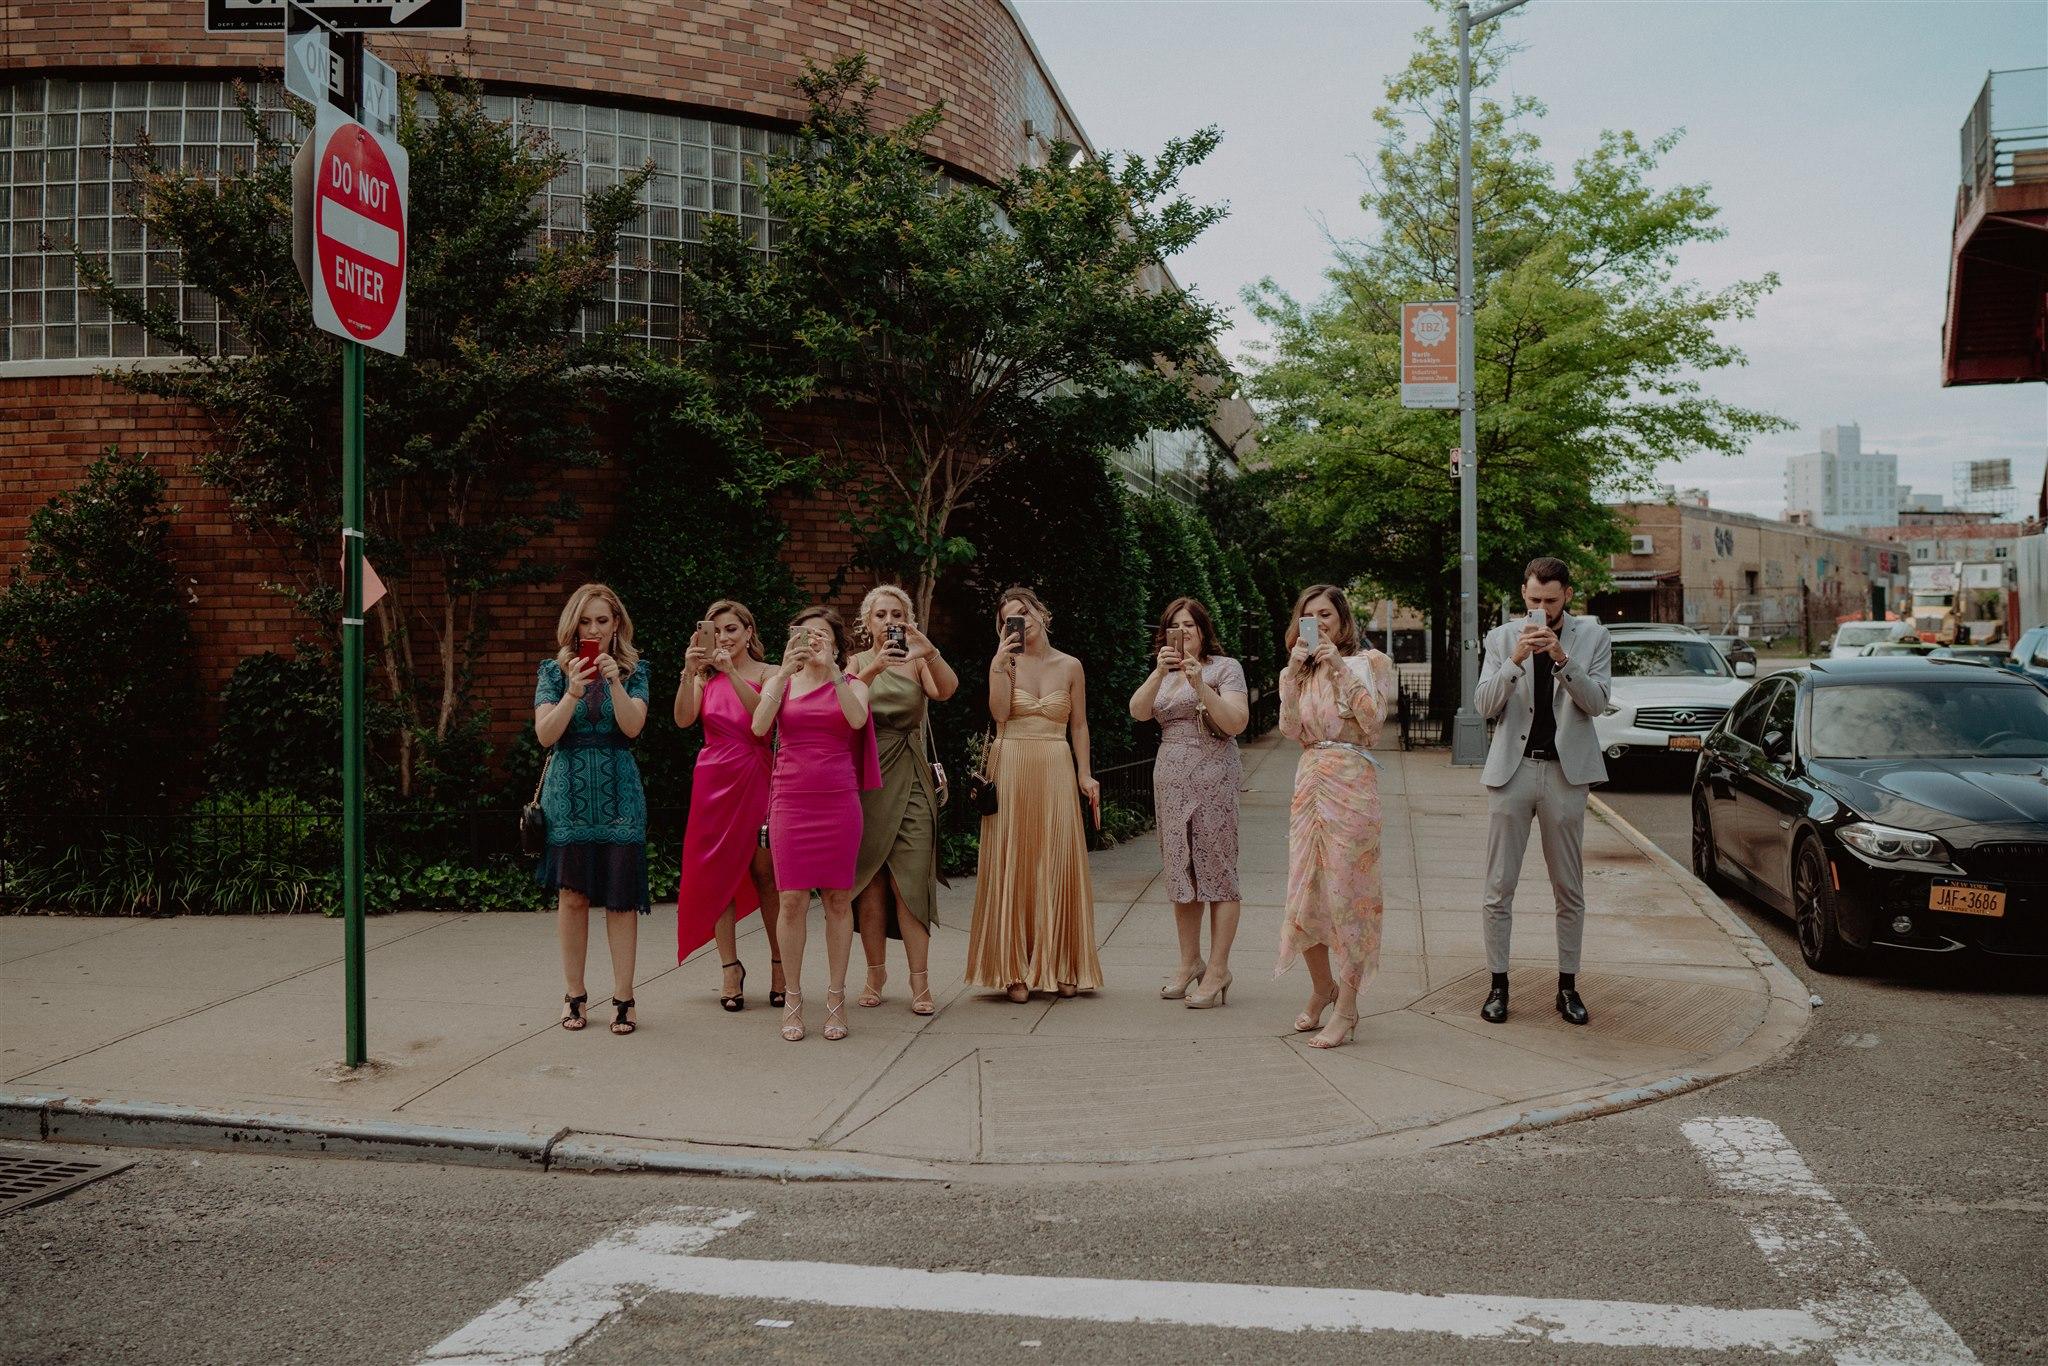 Chellise_Michael_Photography_Ramona_Brooklyn_Wedding_Photographer-340.jpg